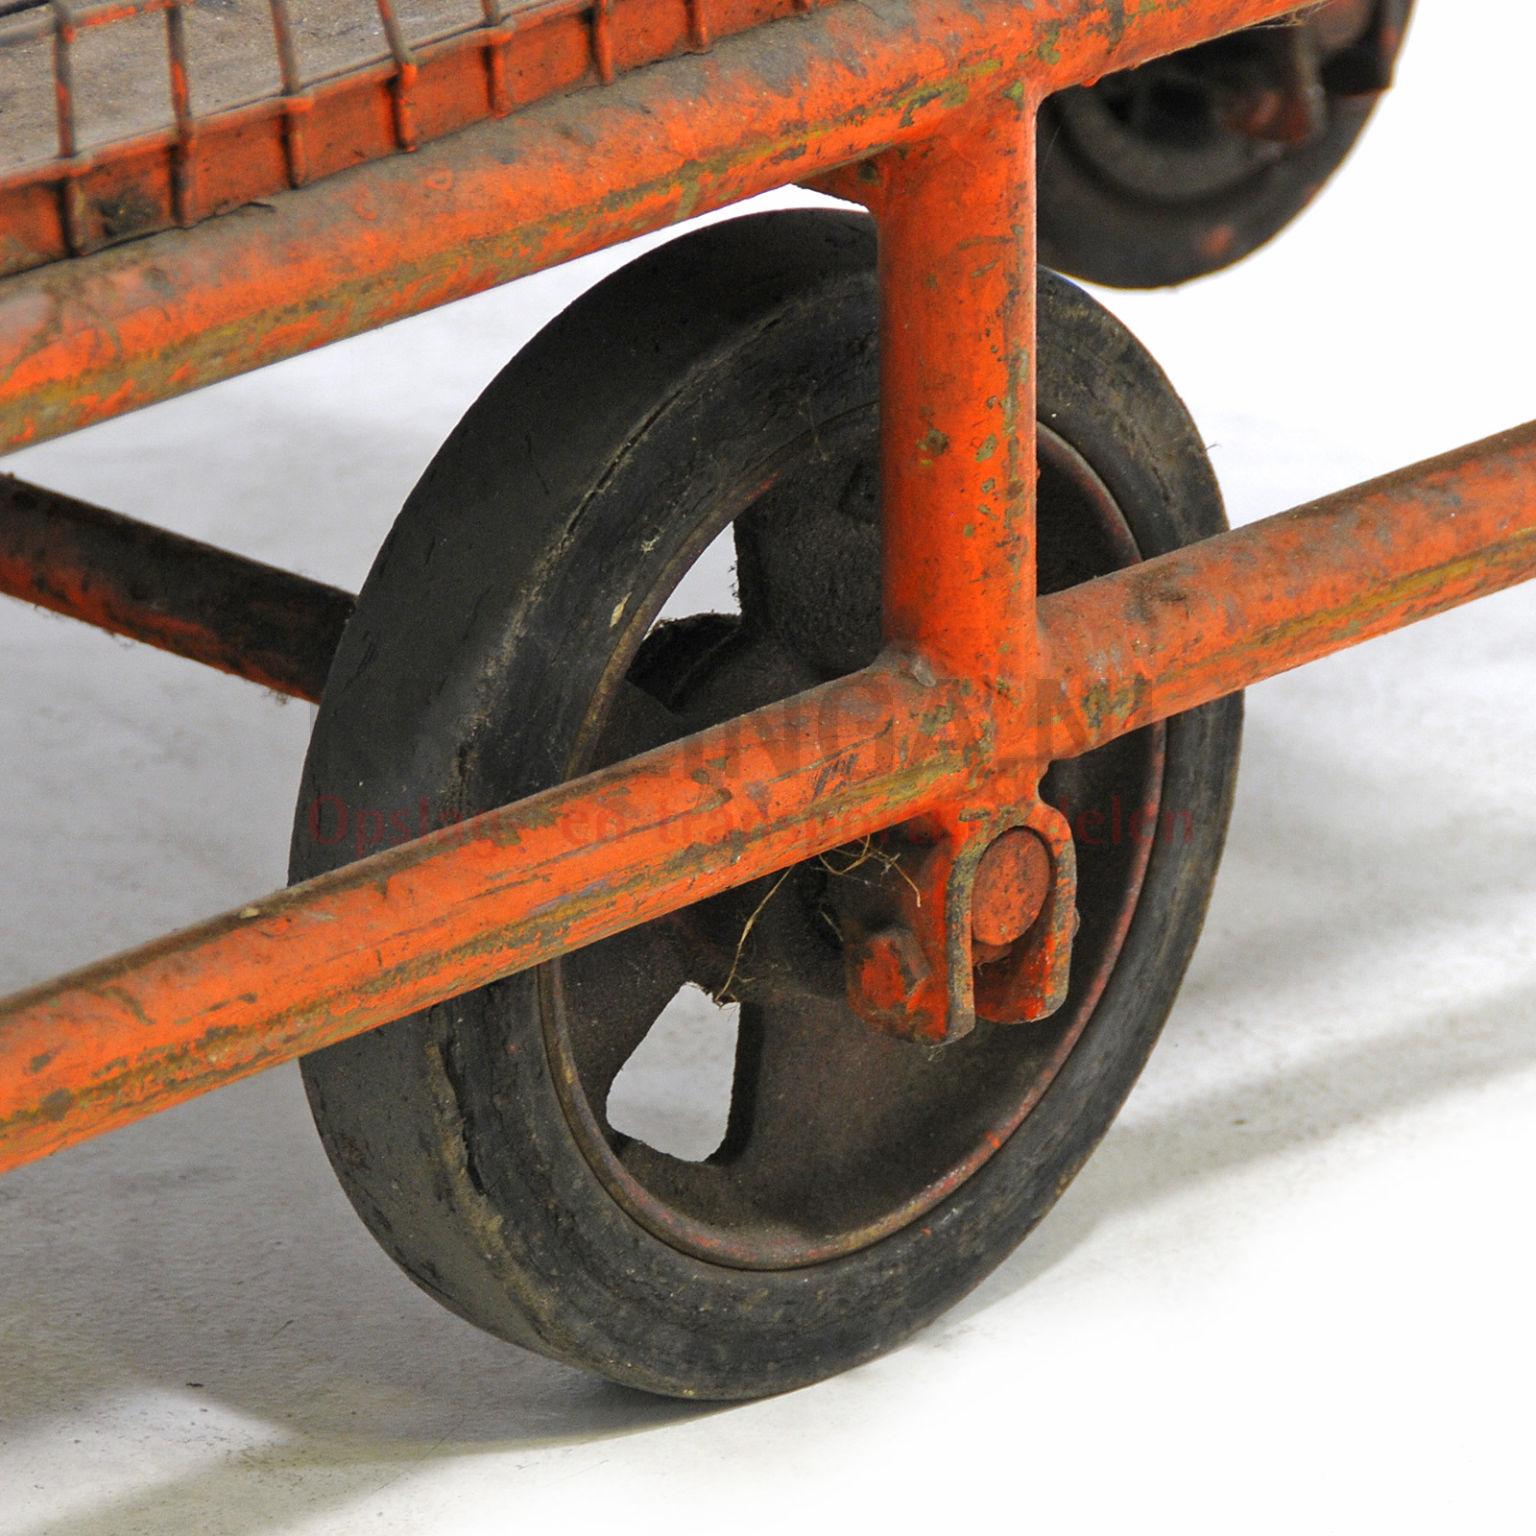 Occasion chariot de manutention construction compact roues caoutchouc occasion - Roue caoutchouc chariot ...